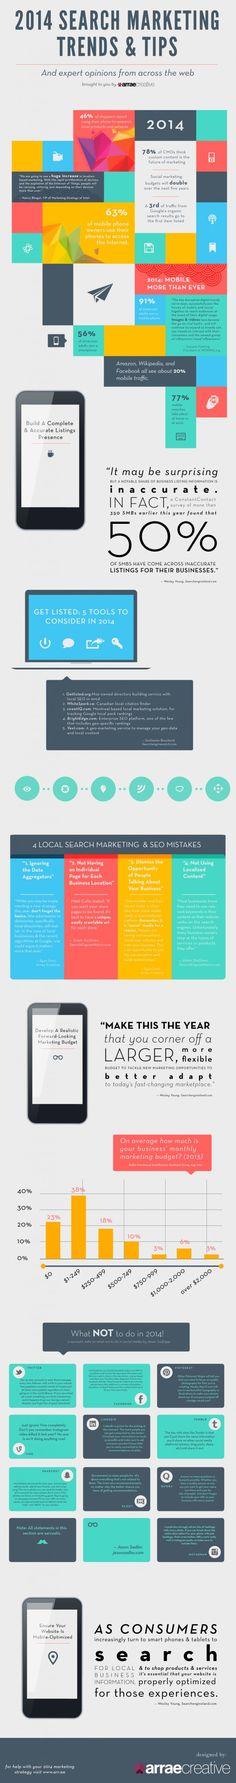 Conoce las tendencias sobre #marketing en #buscadores para el #2014 y los consejos de los expertos. #infografia